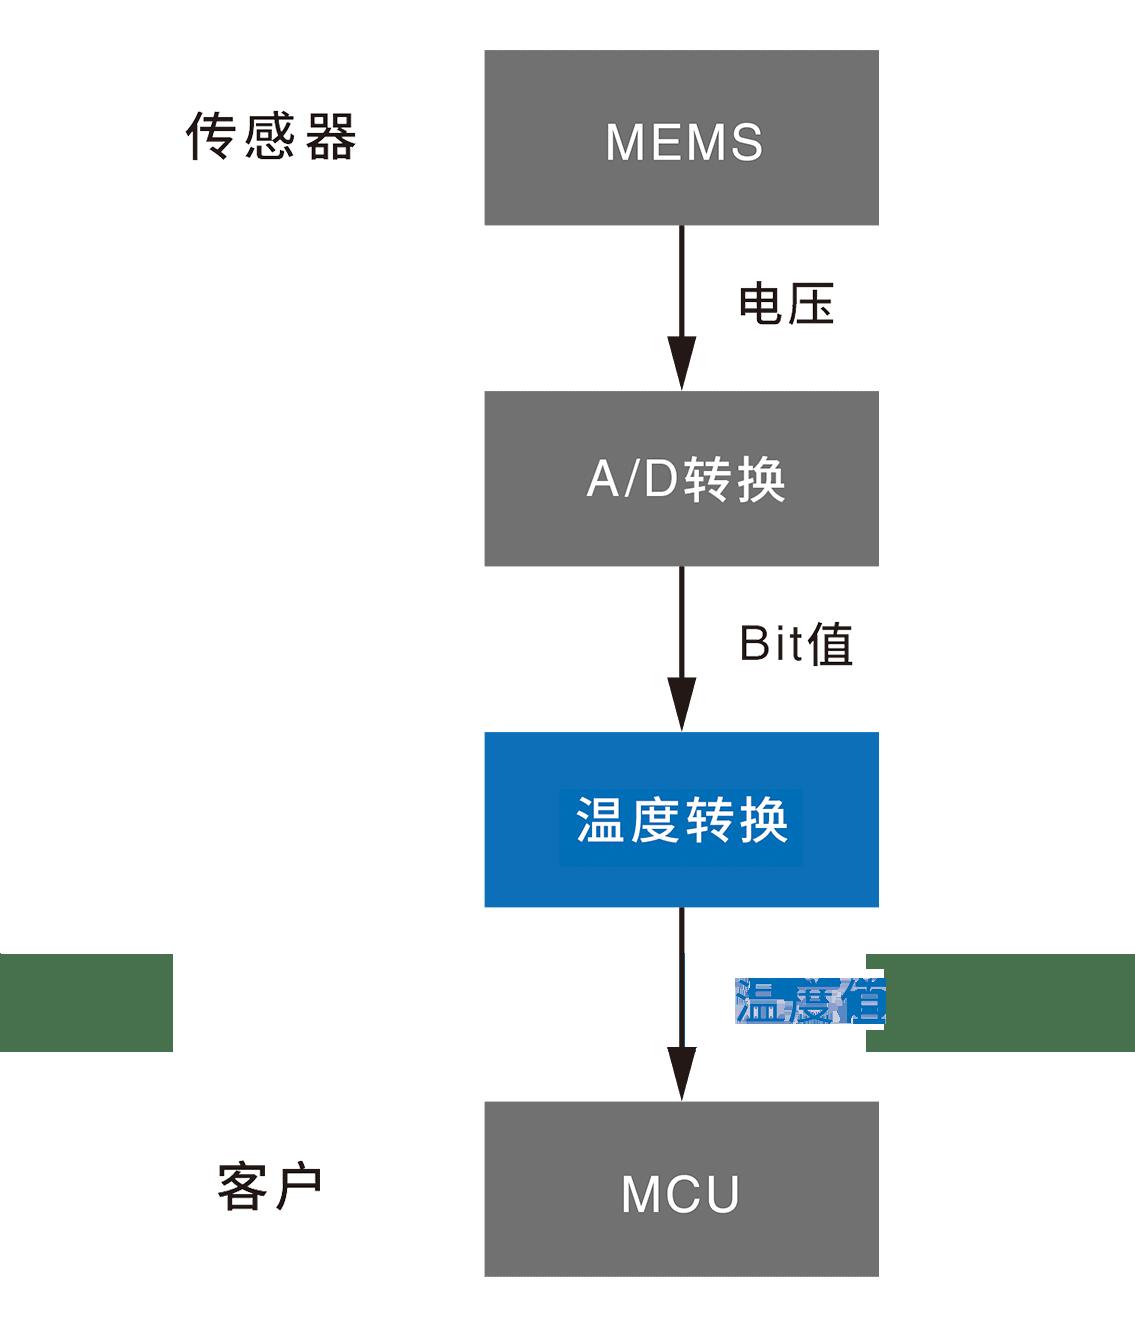 传感器 MEMS→(电压)→A/D转换→(Bit值)→温度変換→(温度转换)客户 MCU